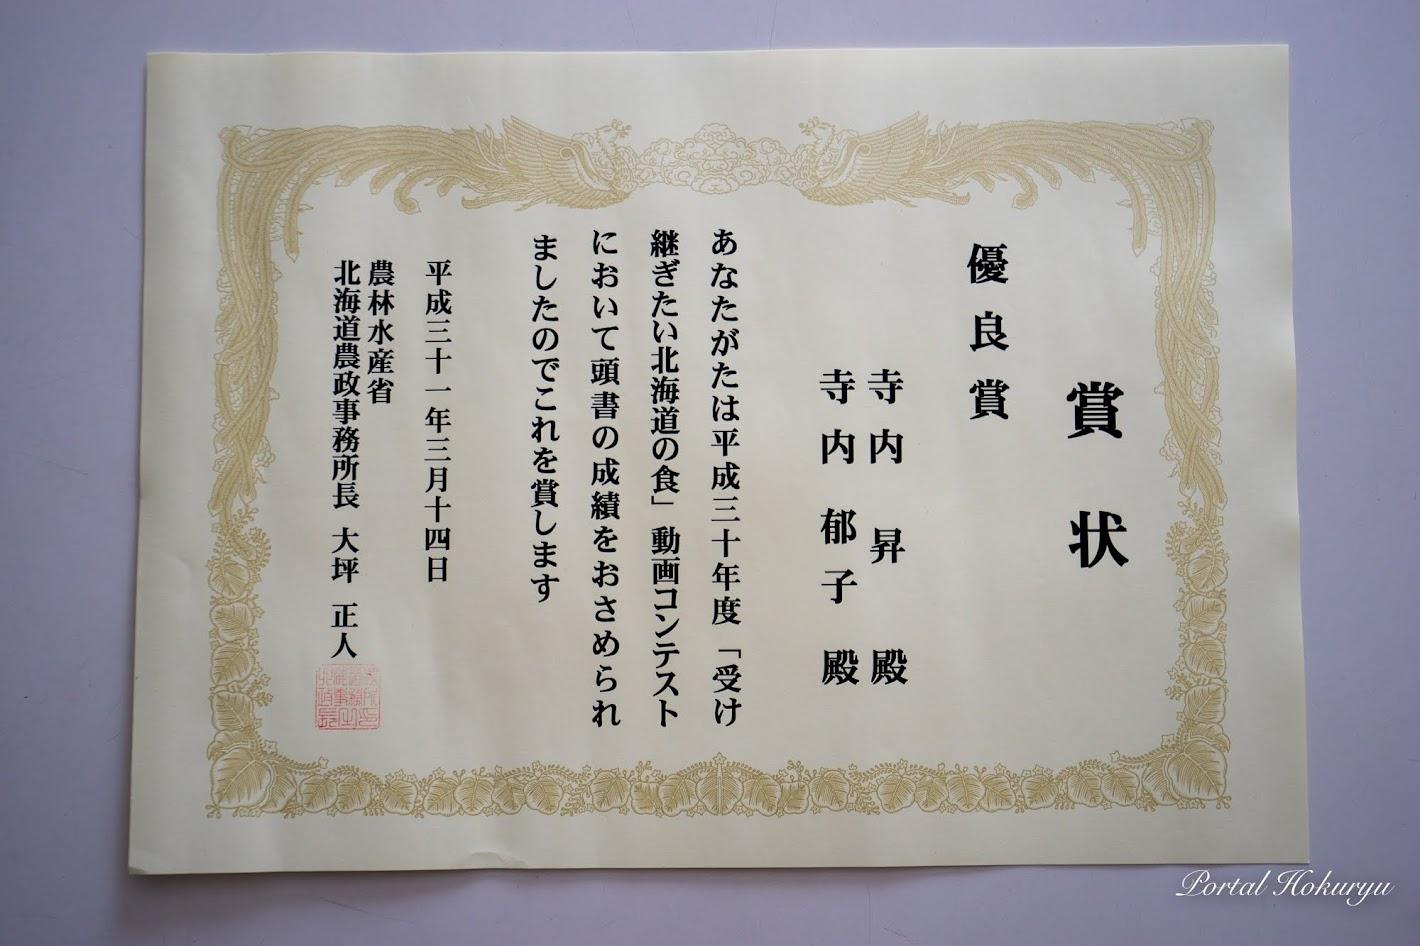 動画『元気の源・黒千石大豆』作者:寺内昇&郁子・表彰状